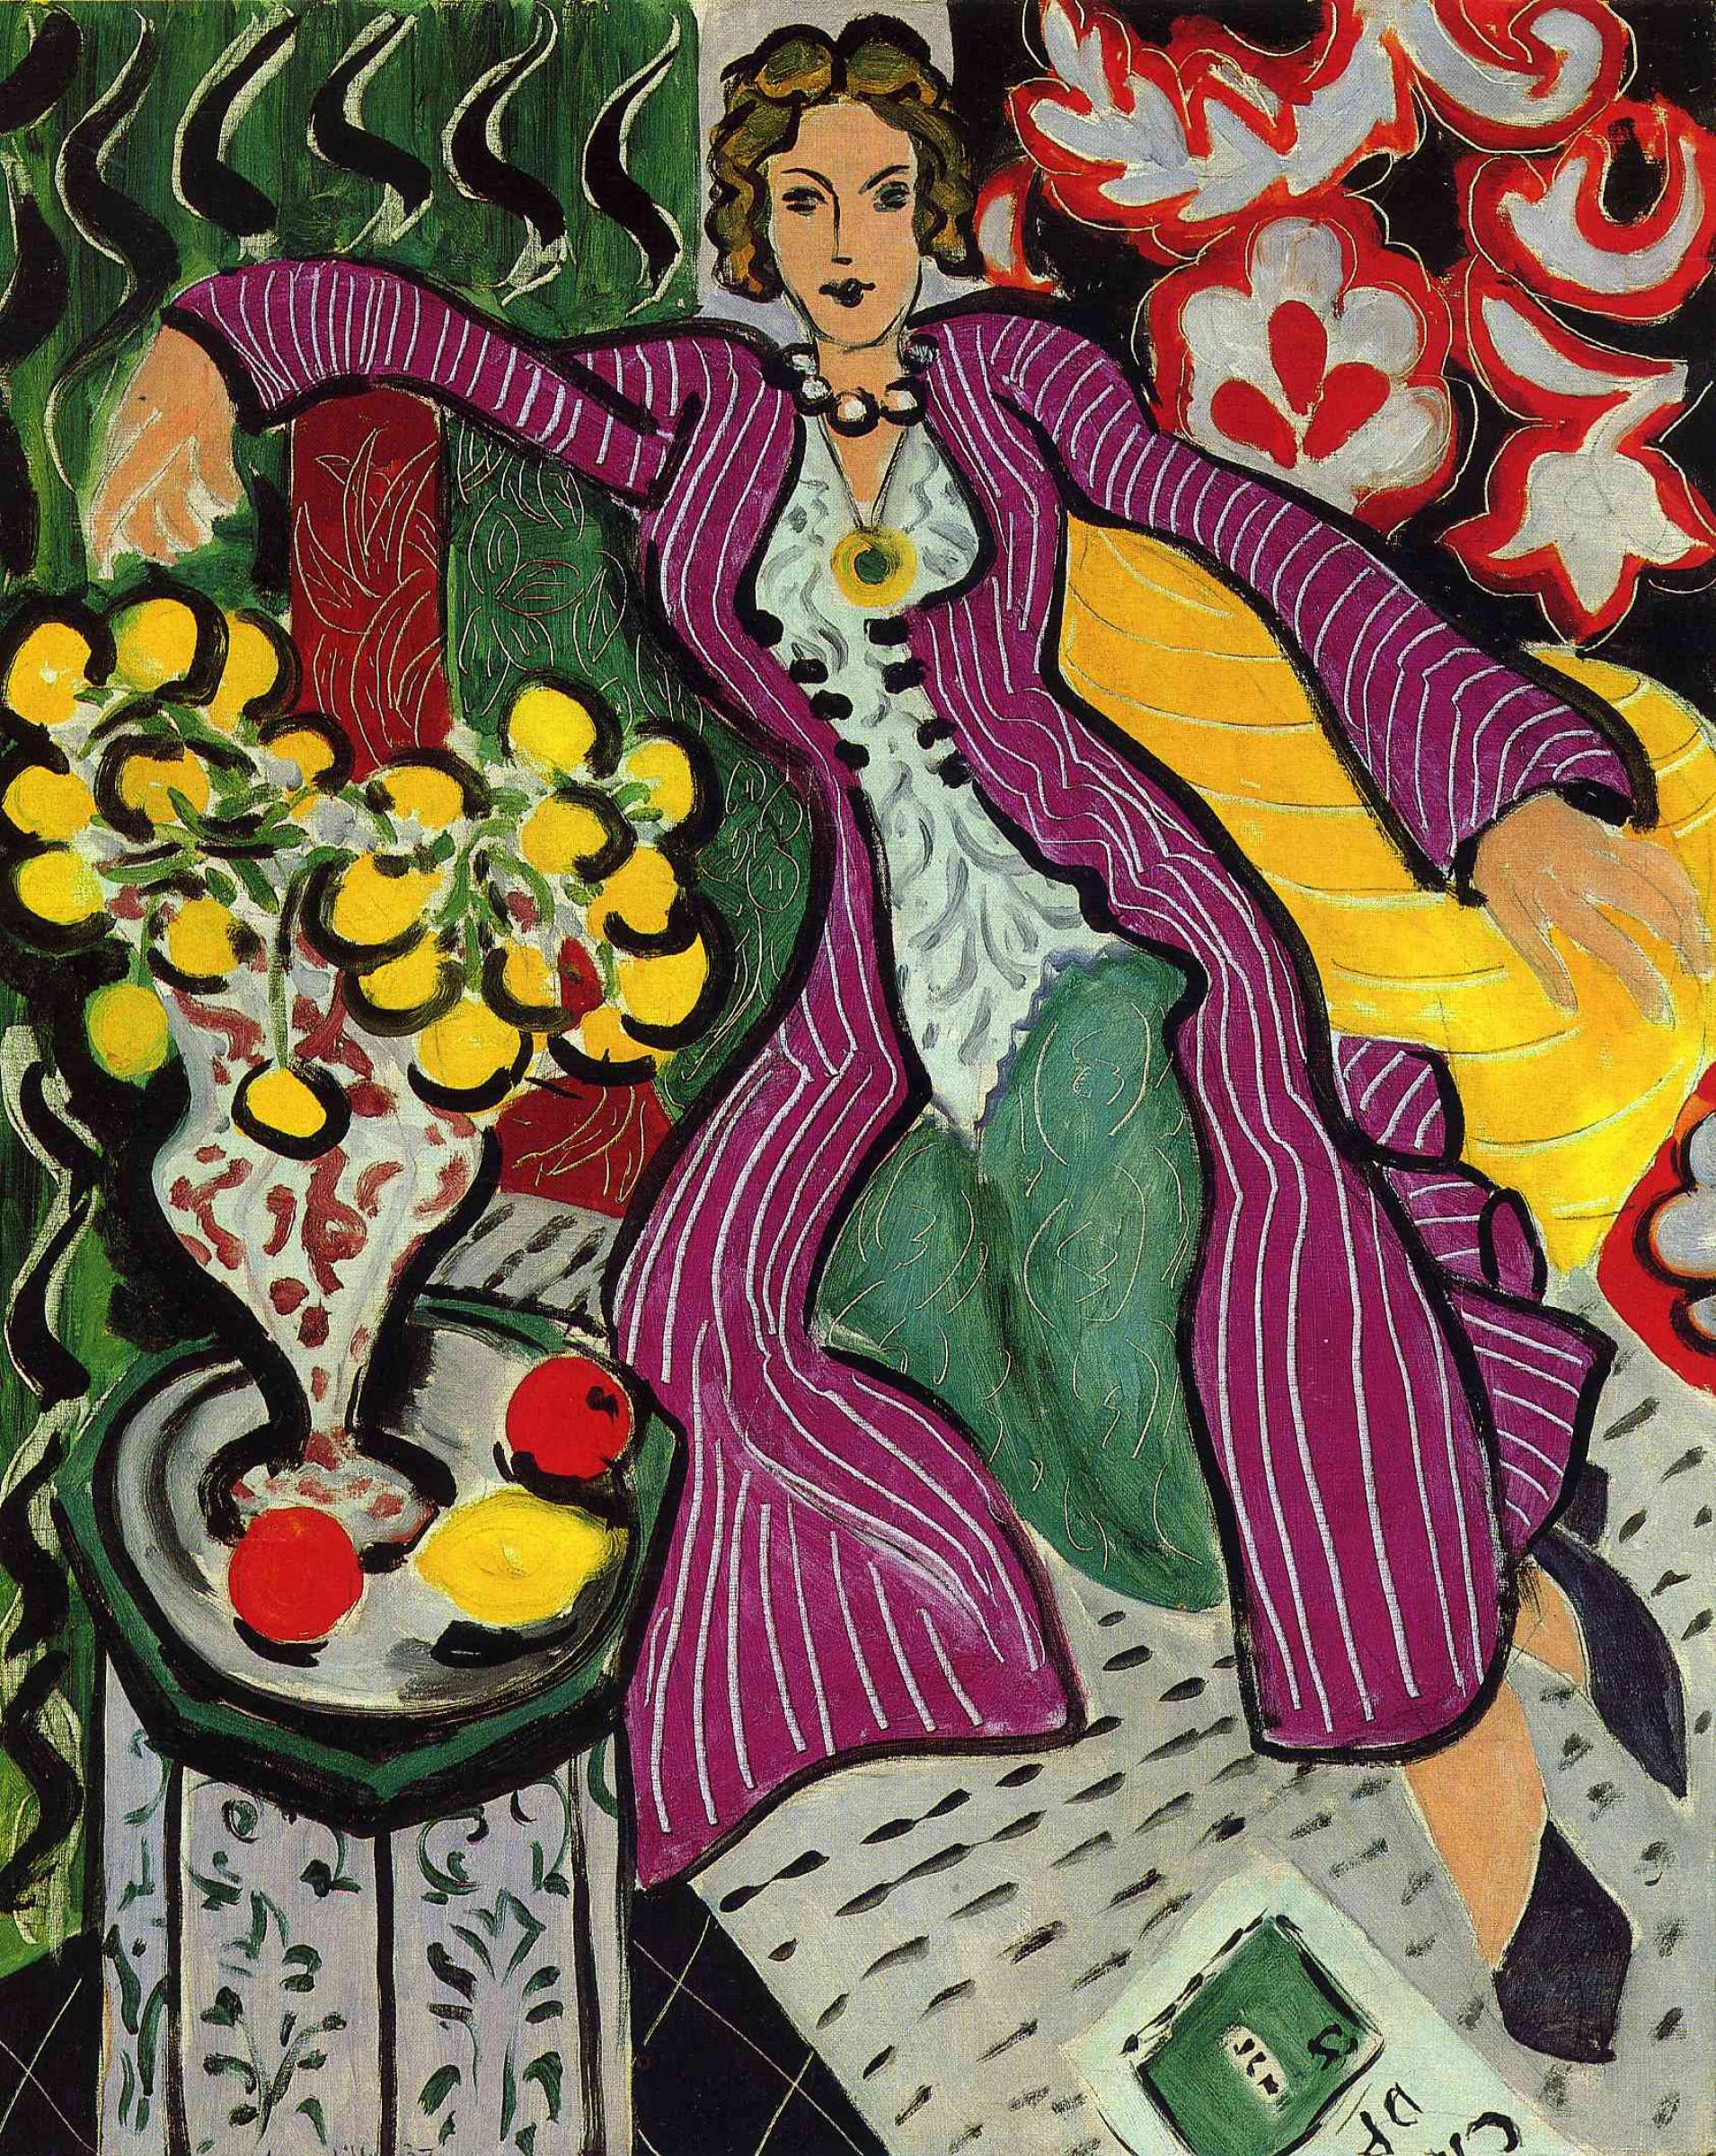 Анри Матисс. Женщина в фиолетовом халате